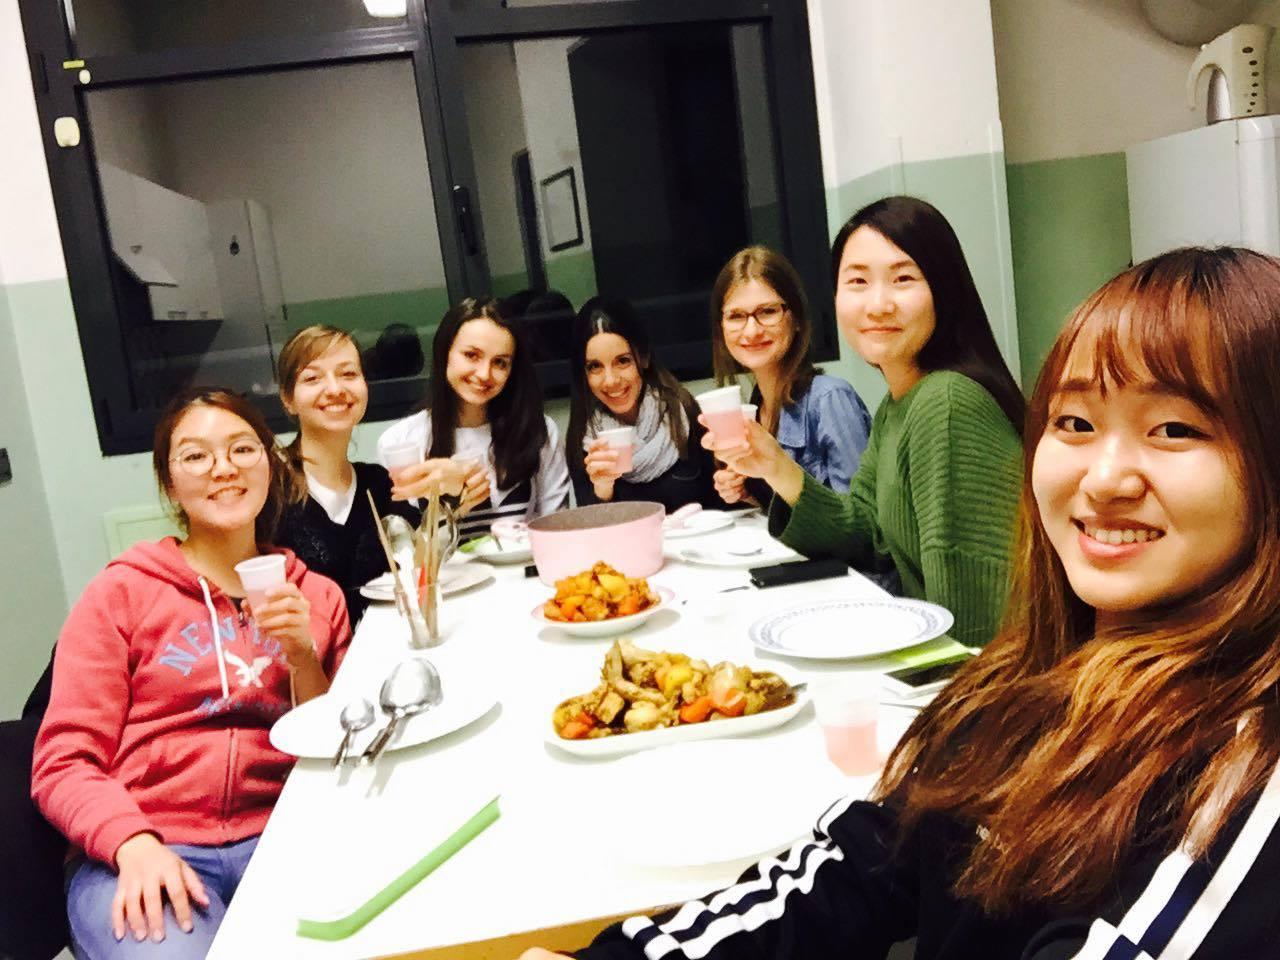 Koreańska kolacja źródło: zbiór własny autora